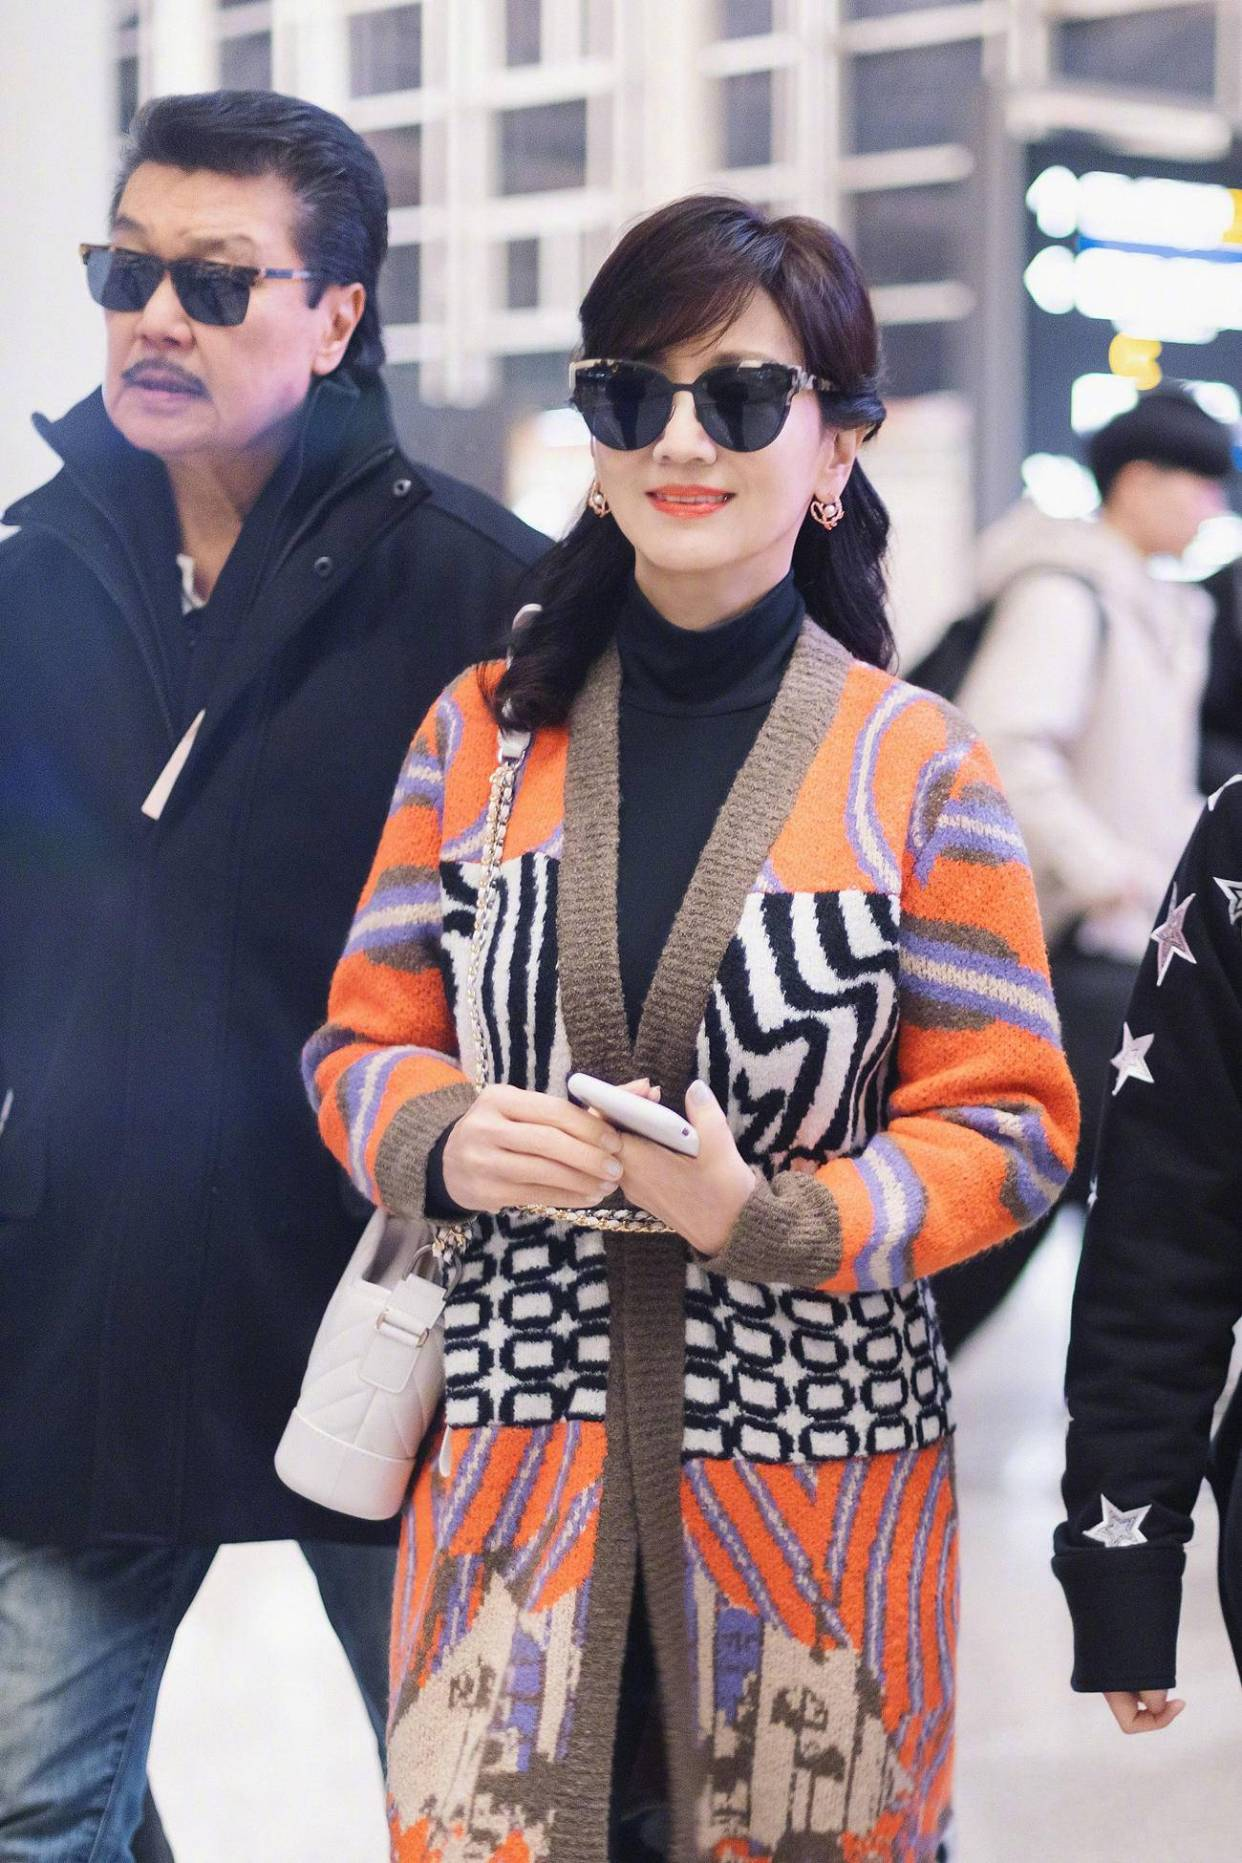 赵雅芝黑色打底配亮色针织外套,包包背带扎腰好时髦,老公依旧帅